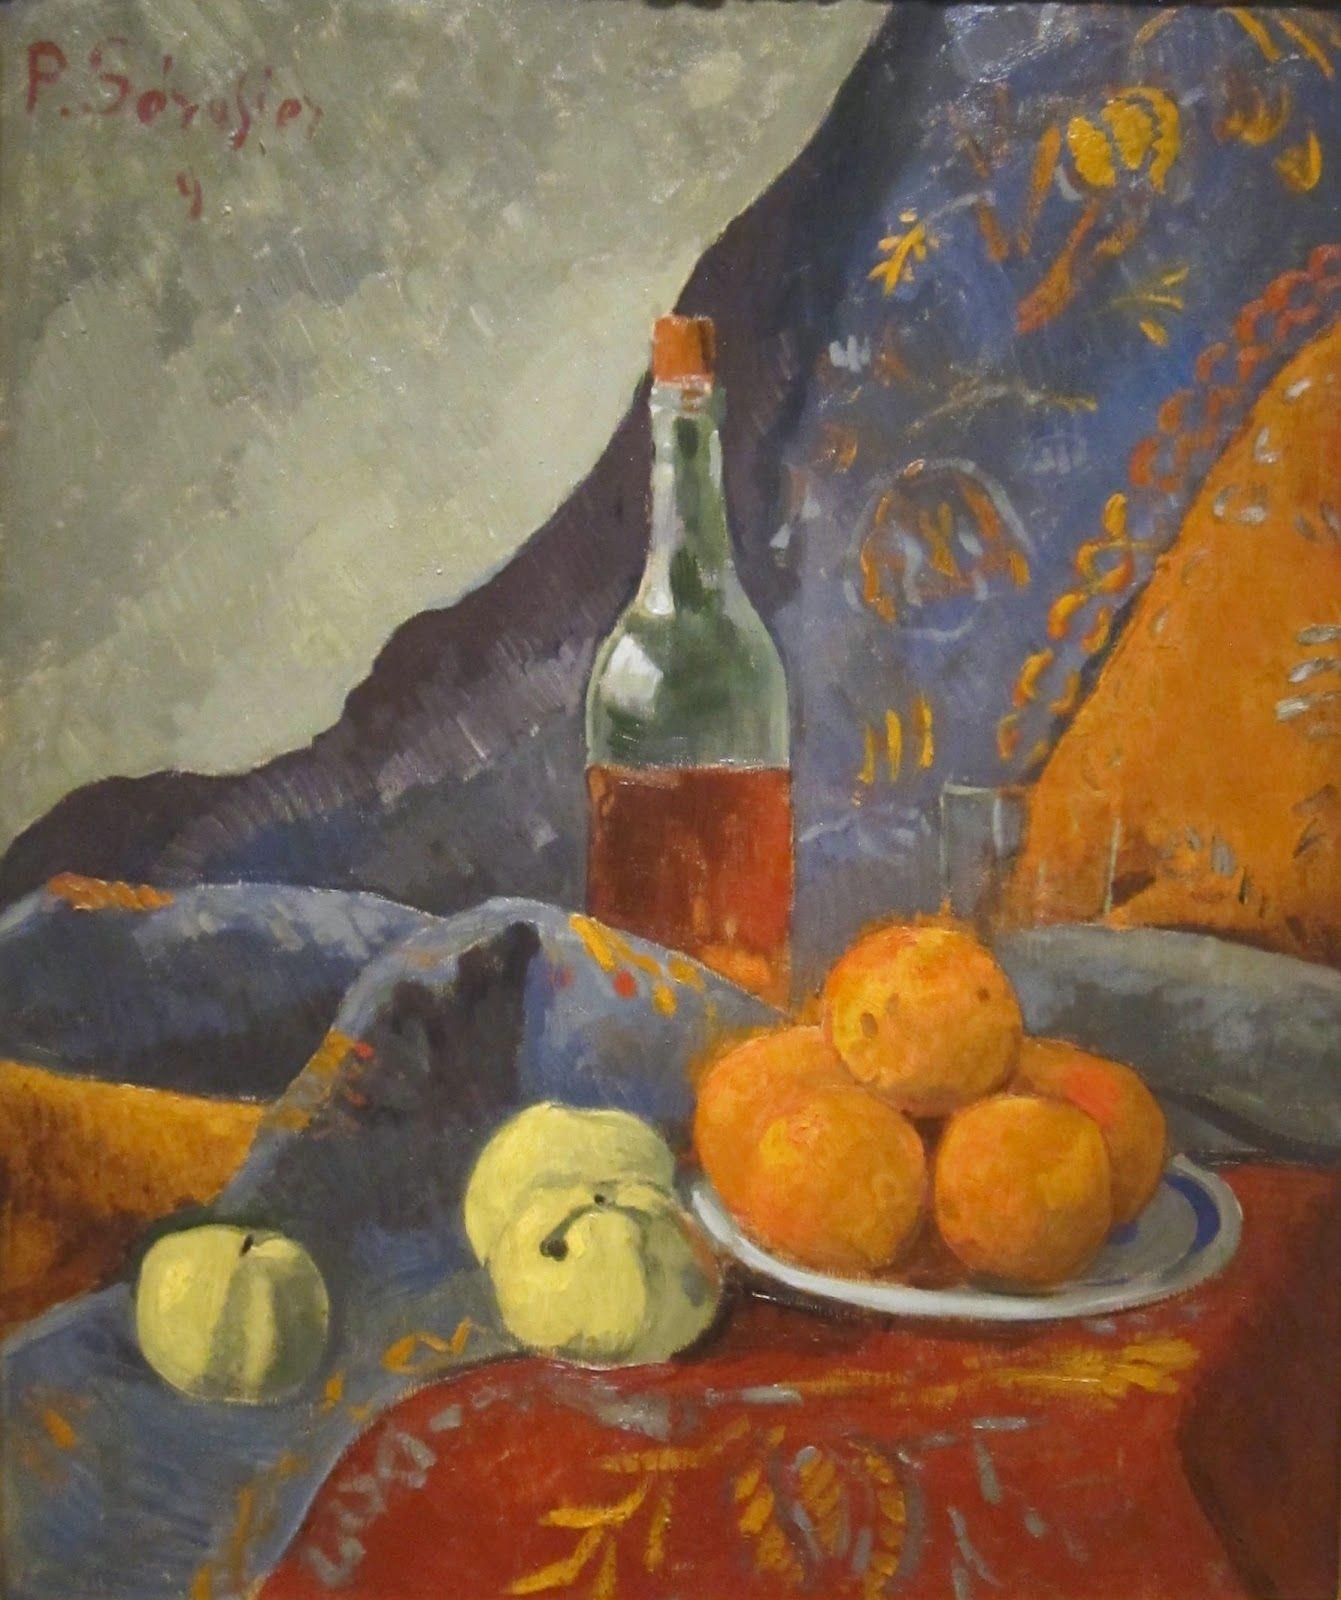 Bodegón con fruta y botella de vino (1909), de Paul Sérusier